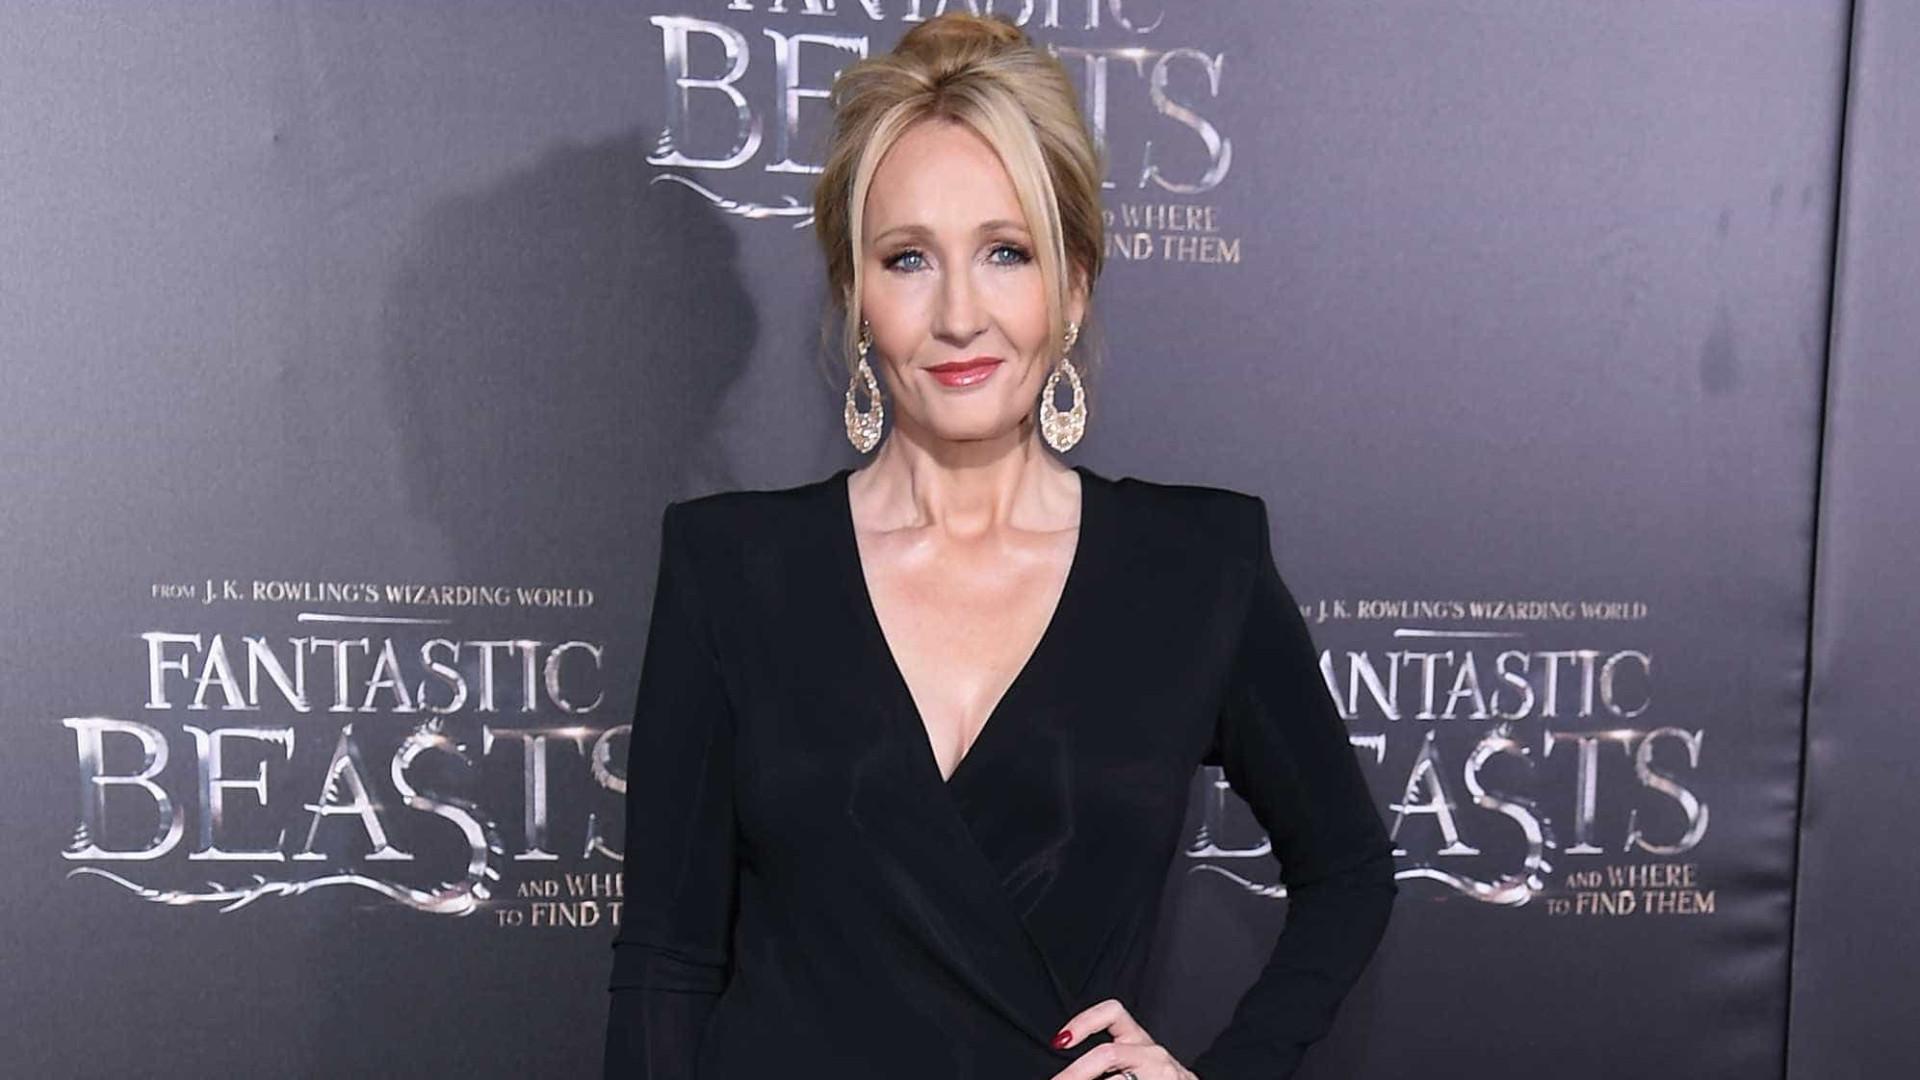 Livraria Lello não inspirou J.K. Rowling em Harry Potter